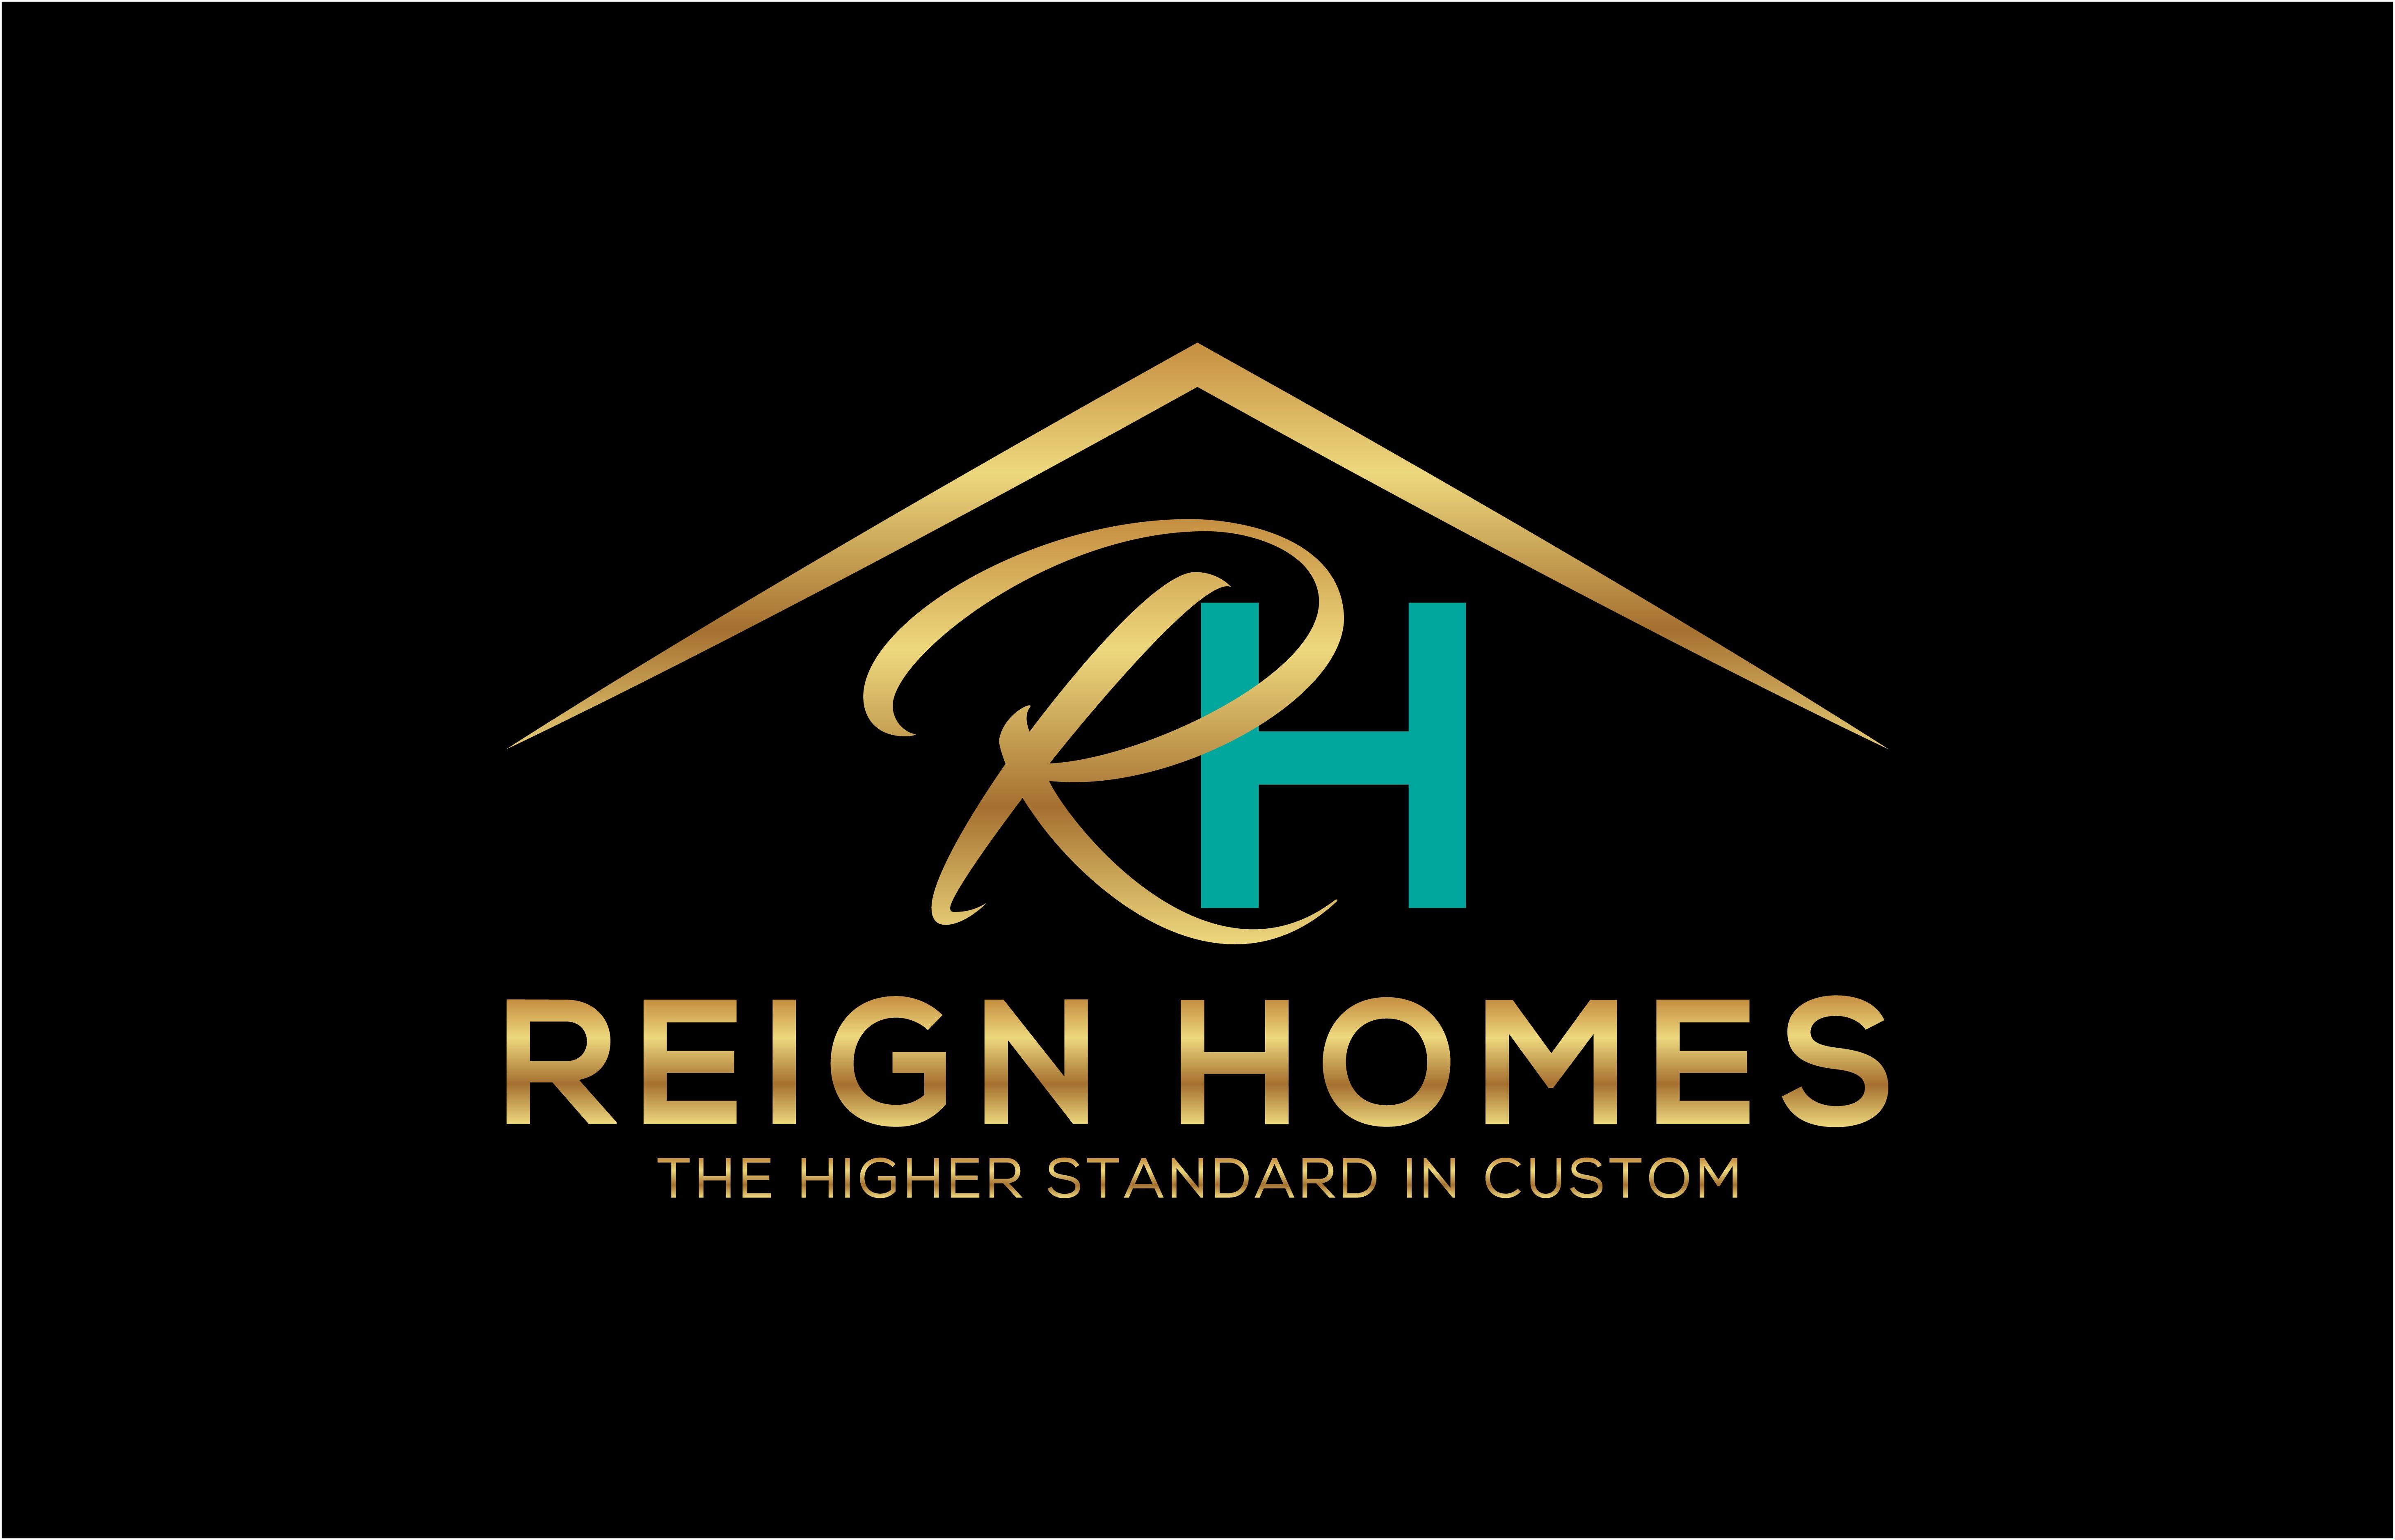 Design 3 luxury professional handwritten or signature logo